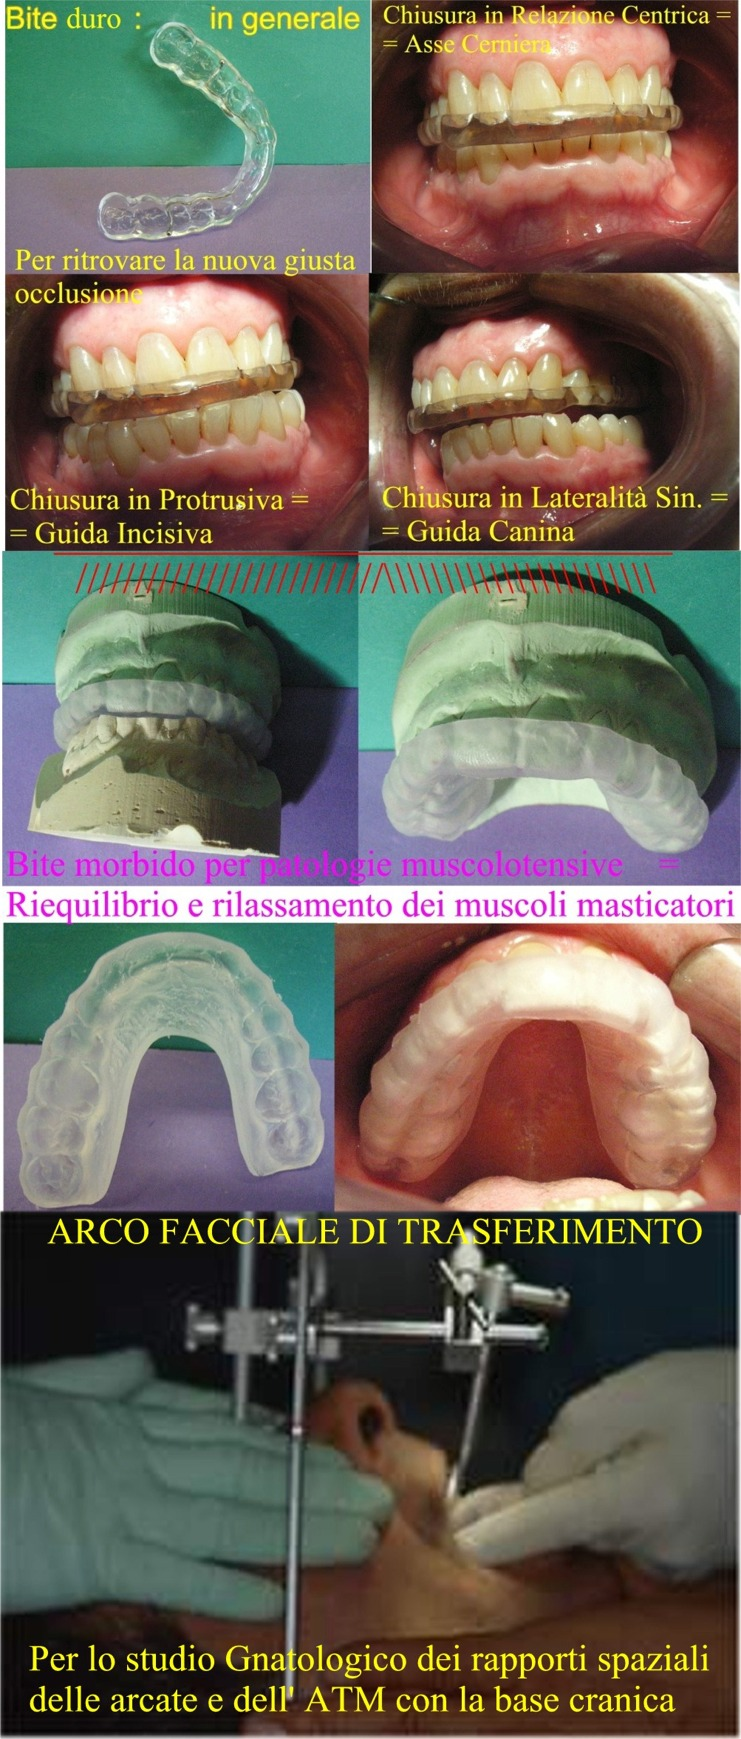 Diversi tipi di Bite e arco facciale per valutazione Gnatologica. Da casistica del Dr. Gustavo Petti di Cagliari